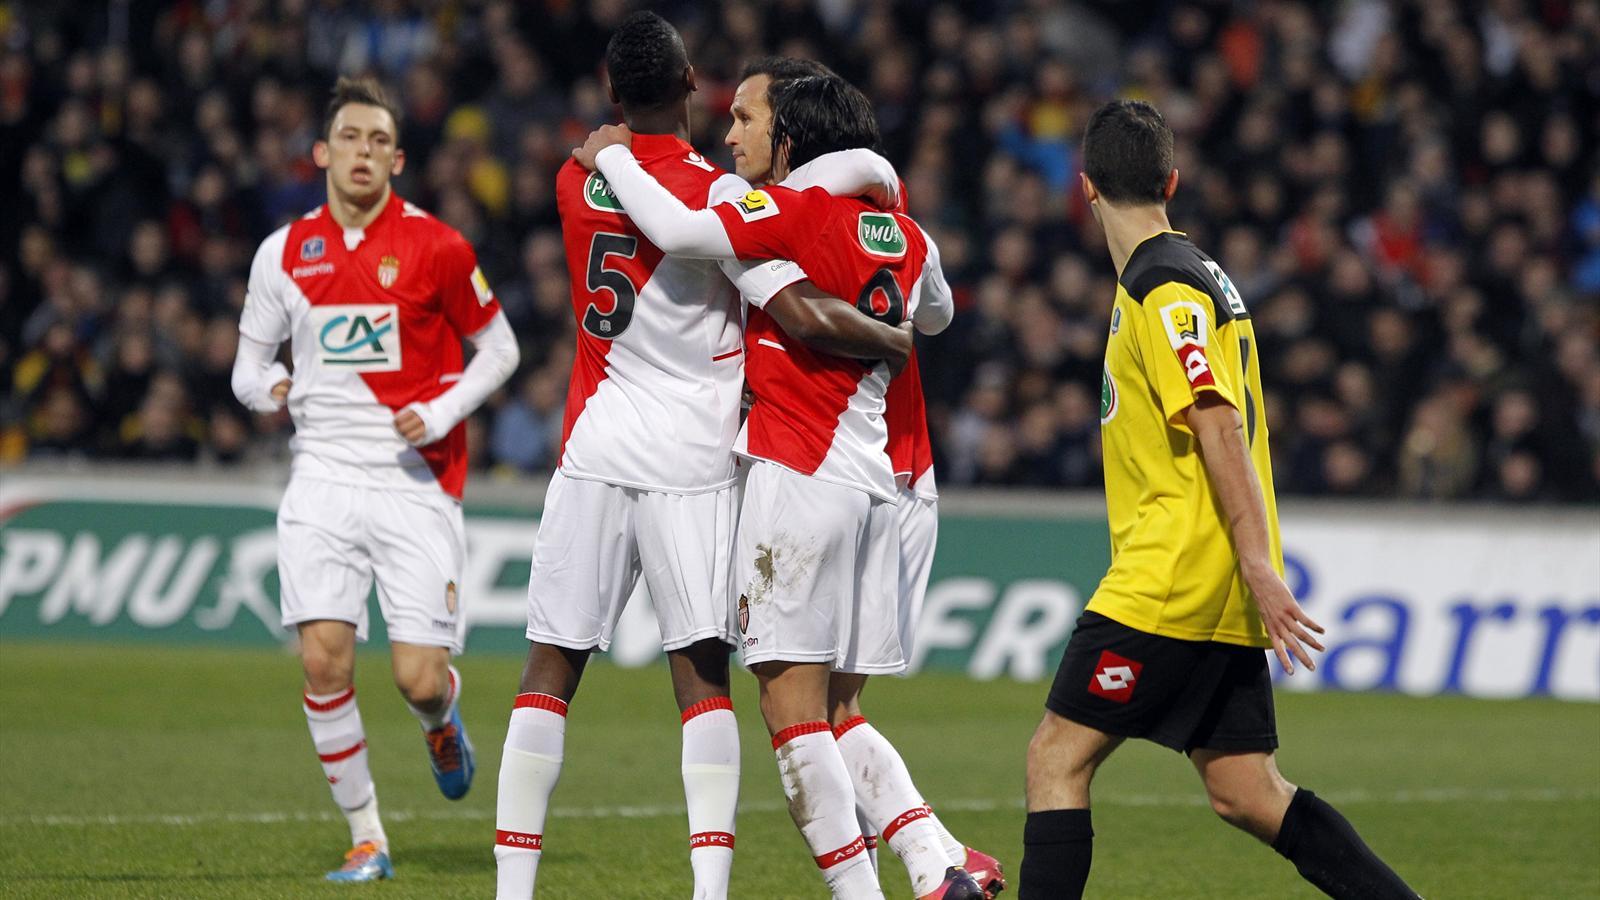 Monaco qualifi mais inquiet coupe de france 2013 2014 - Resultat foot feminin coupe de france ...